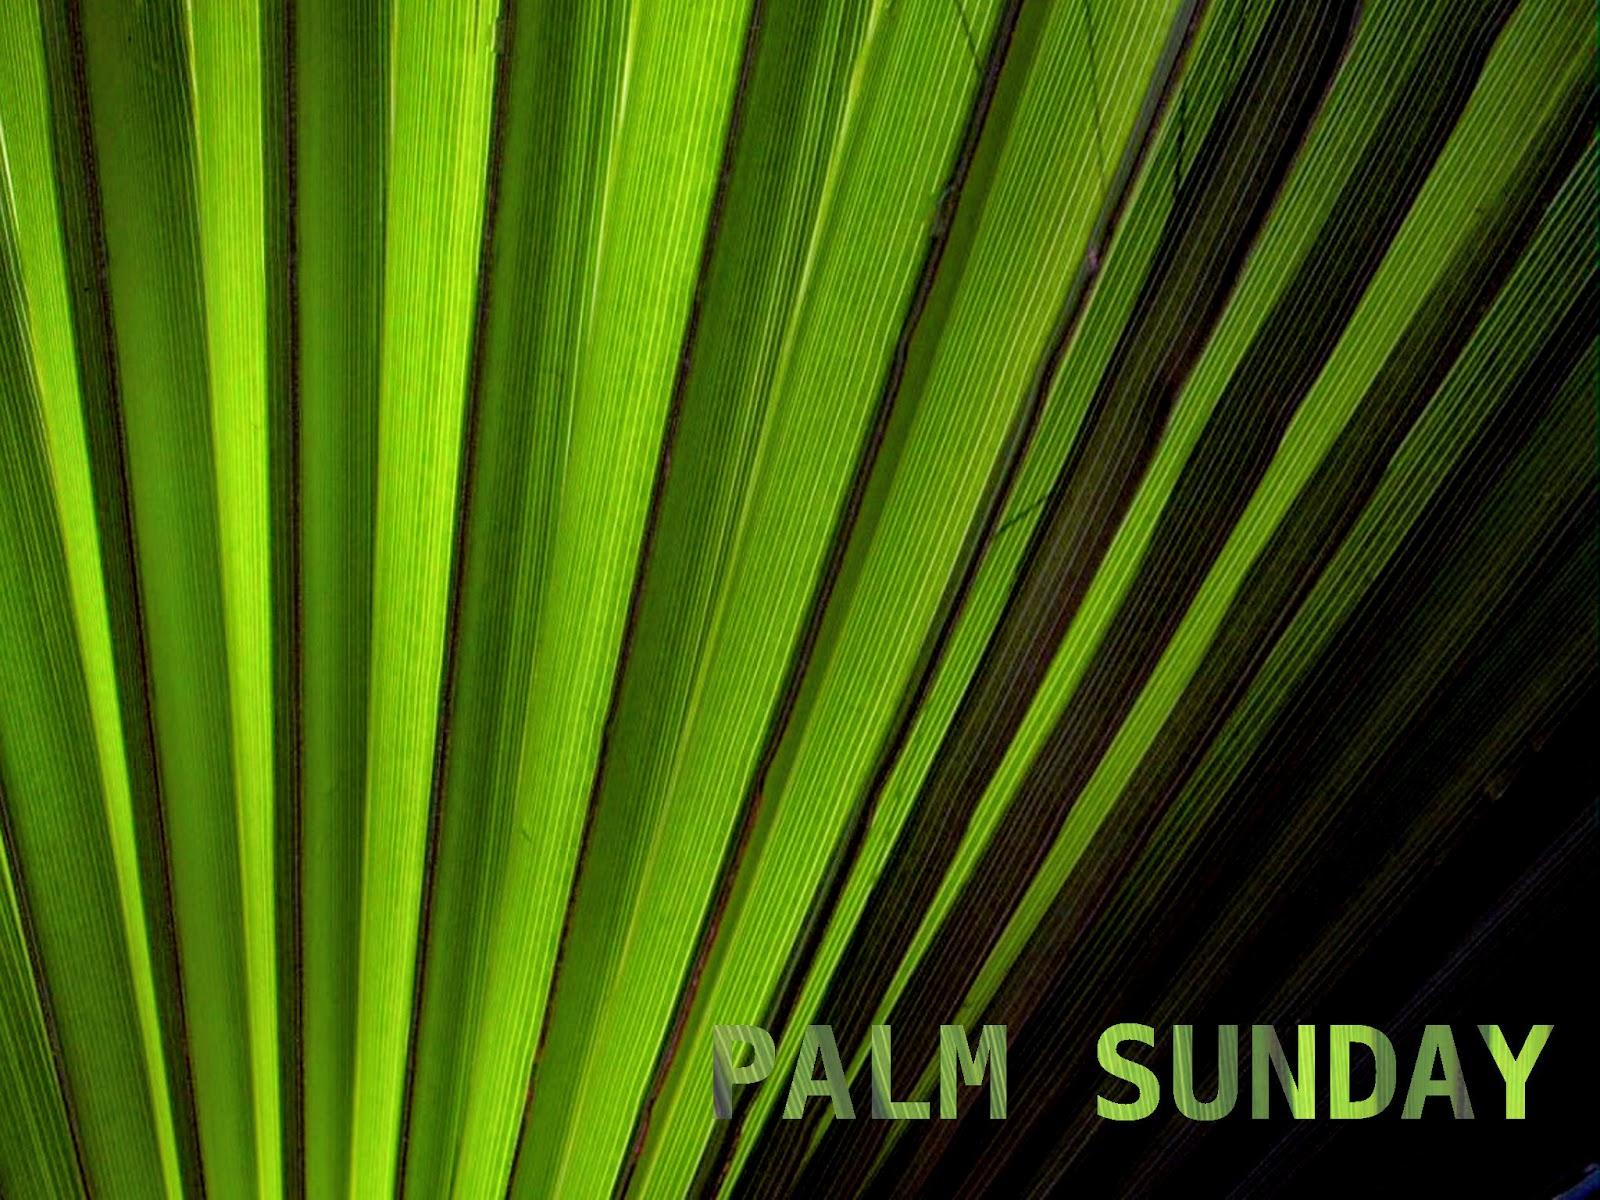 palm sunday - photo #47